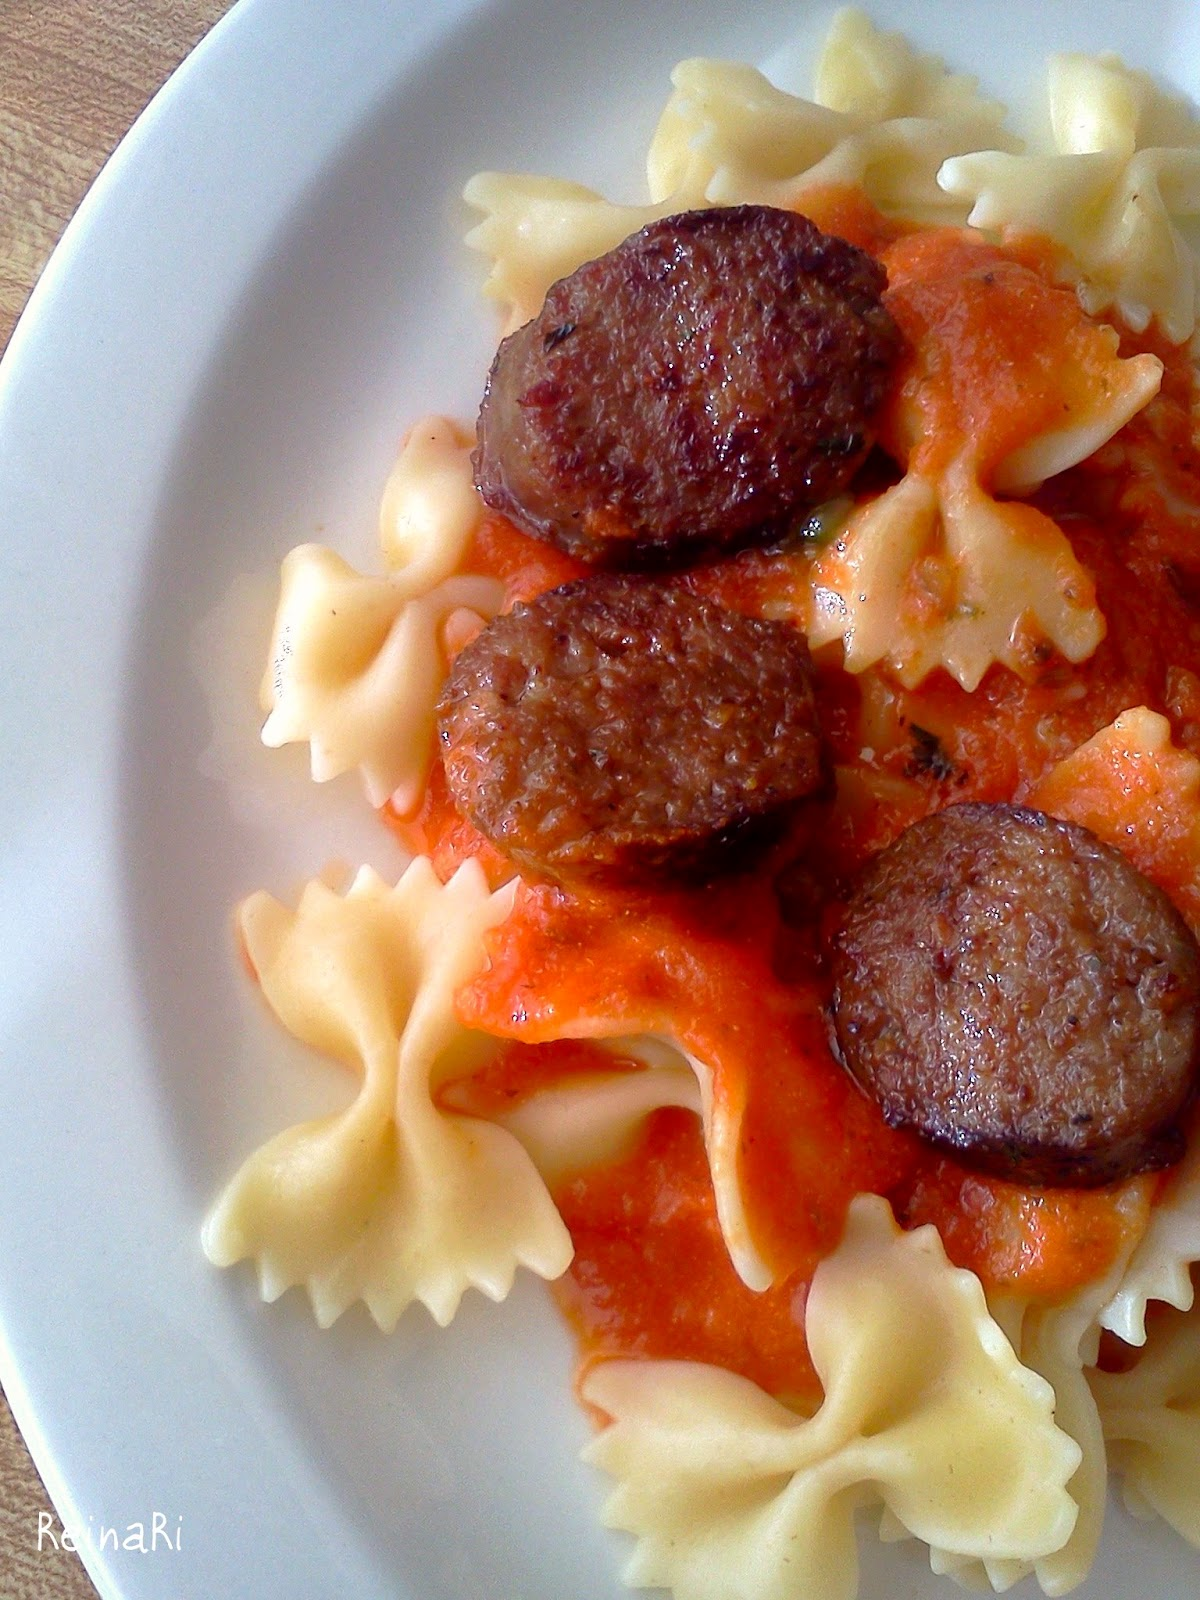 Hacer menu de comida r pido y f cil soy mam en casa - Que hago de comer rapido y sencillo ...